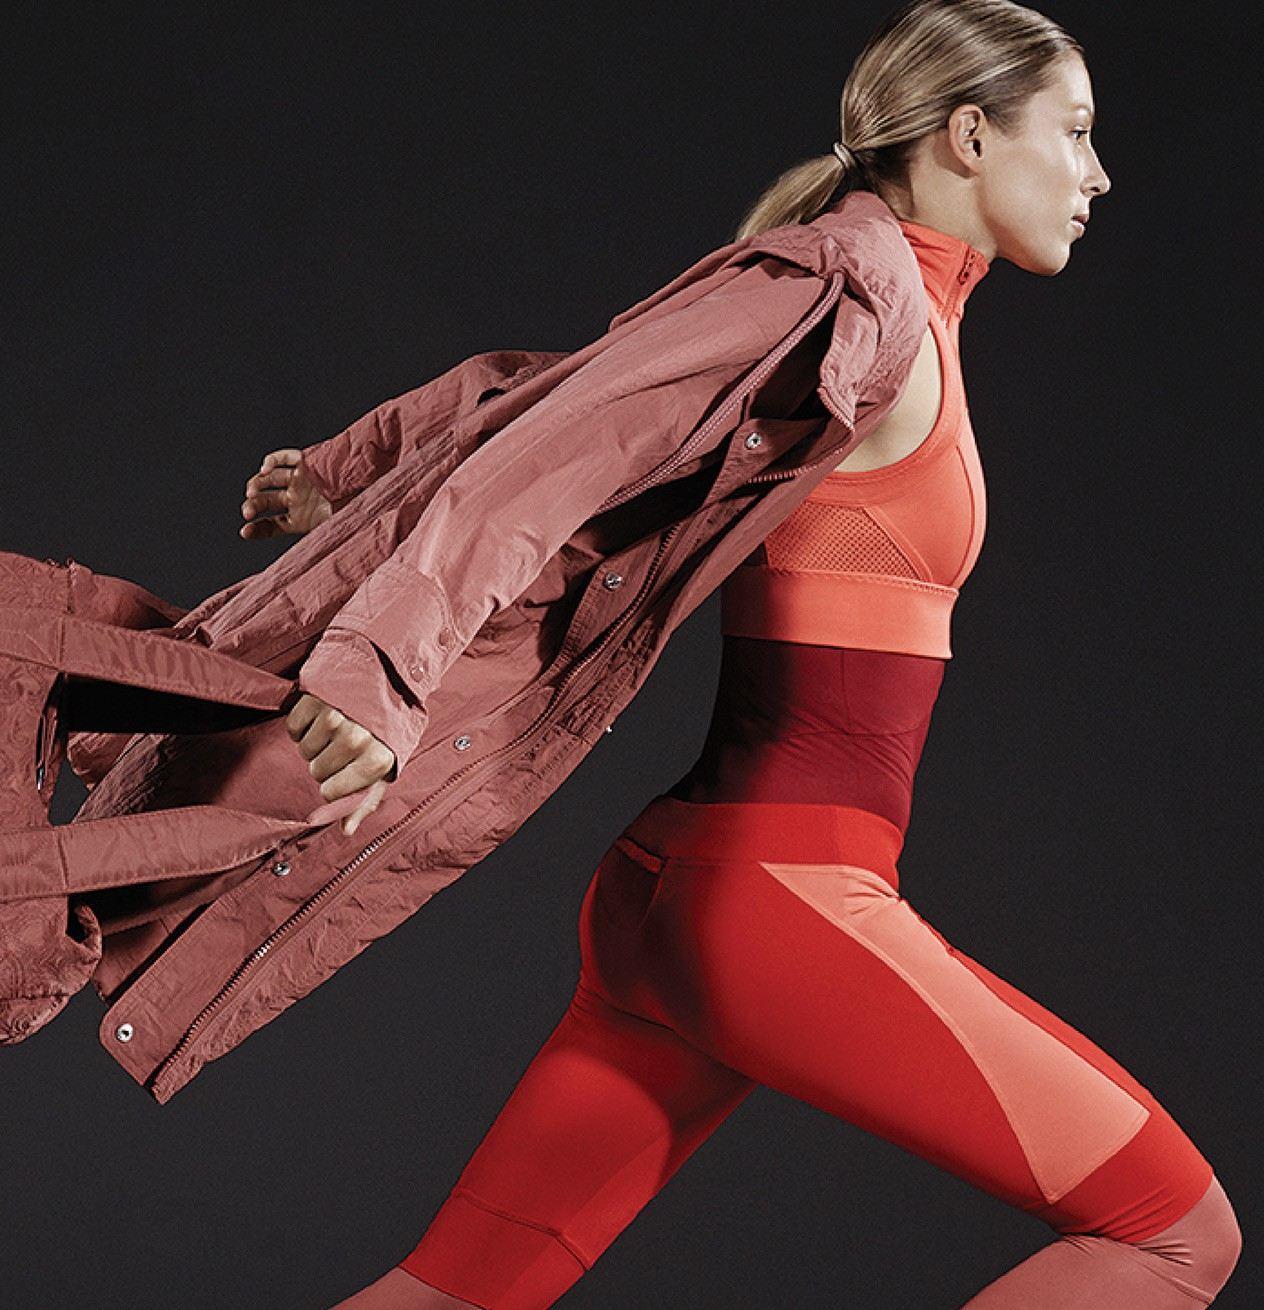 ملابس رياضية لـ 2015 من أديداس وستيلا مكارتني